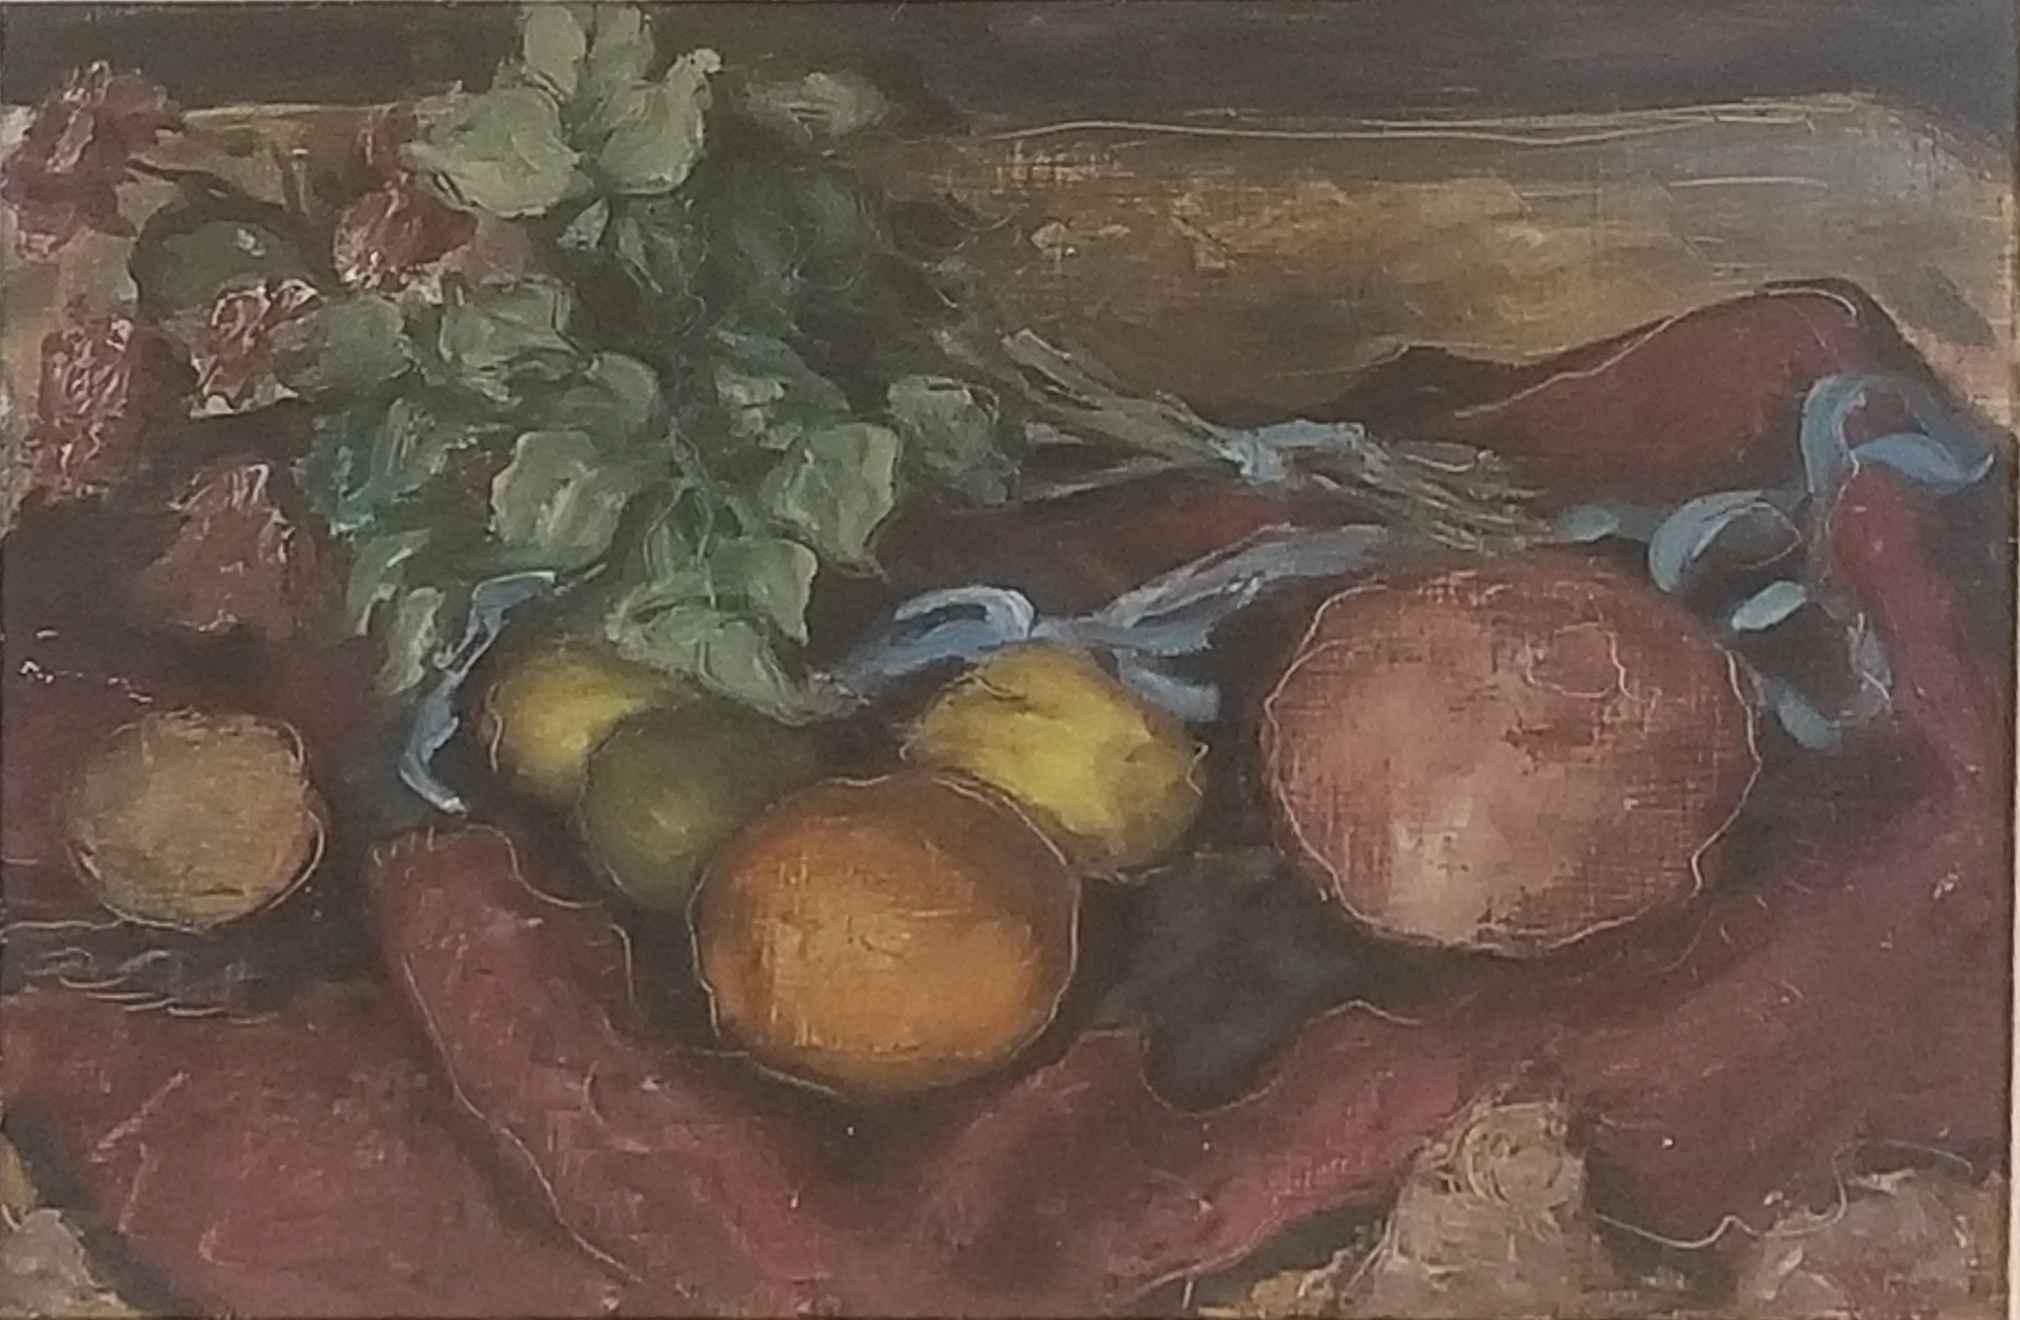 Still Life with Fruits by Mr. Robert Schellin - Masterpiece Online